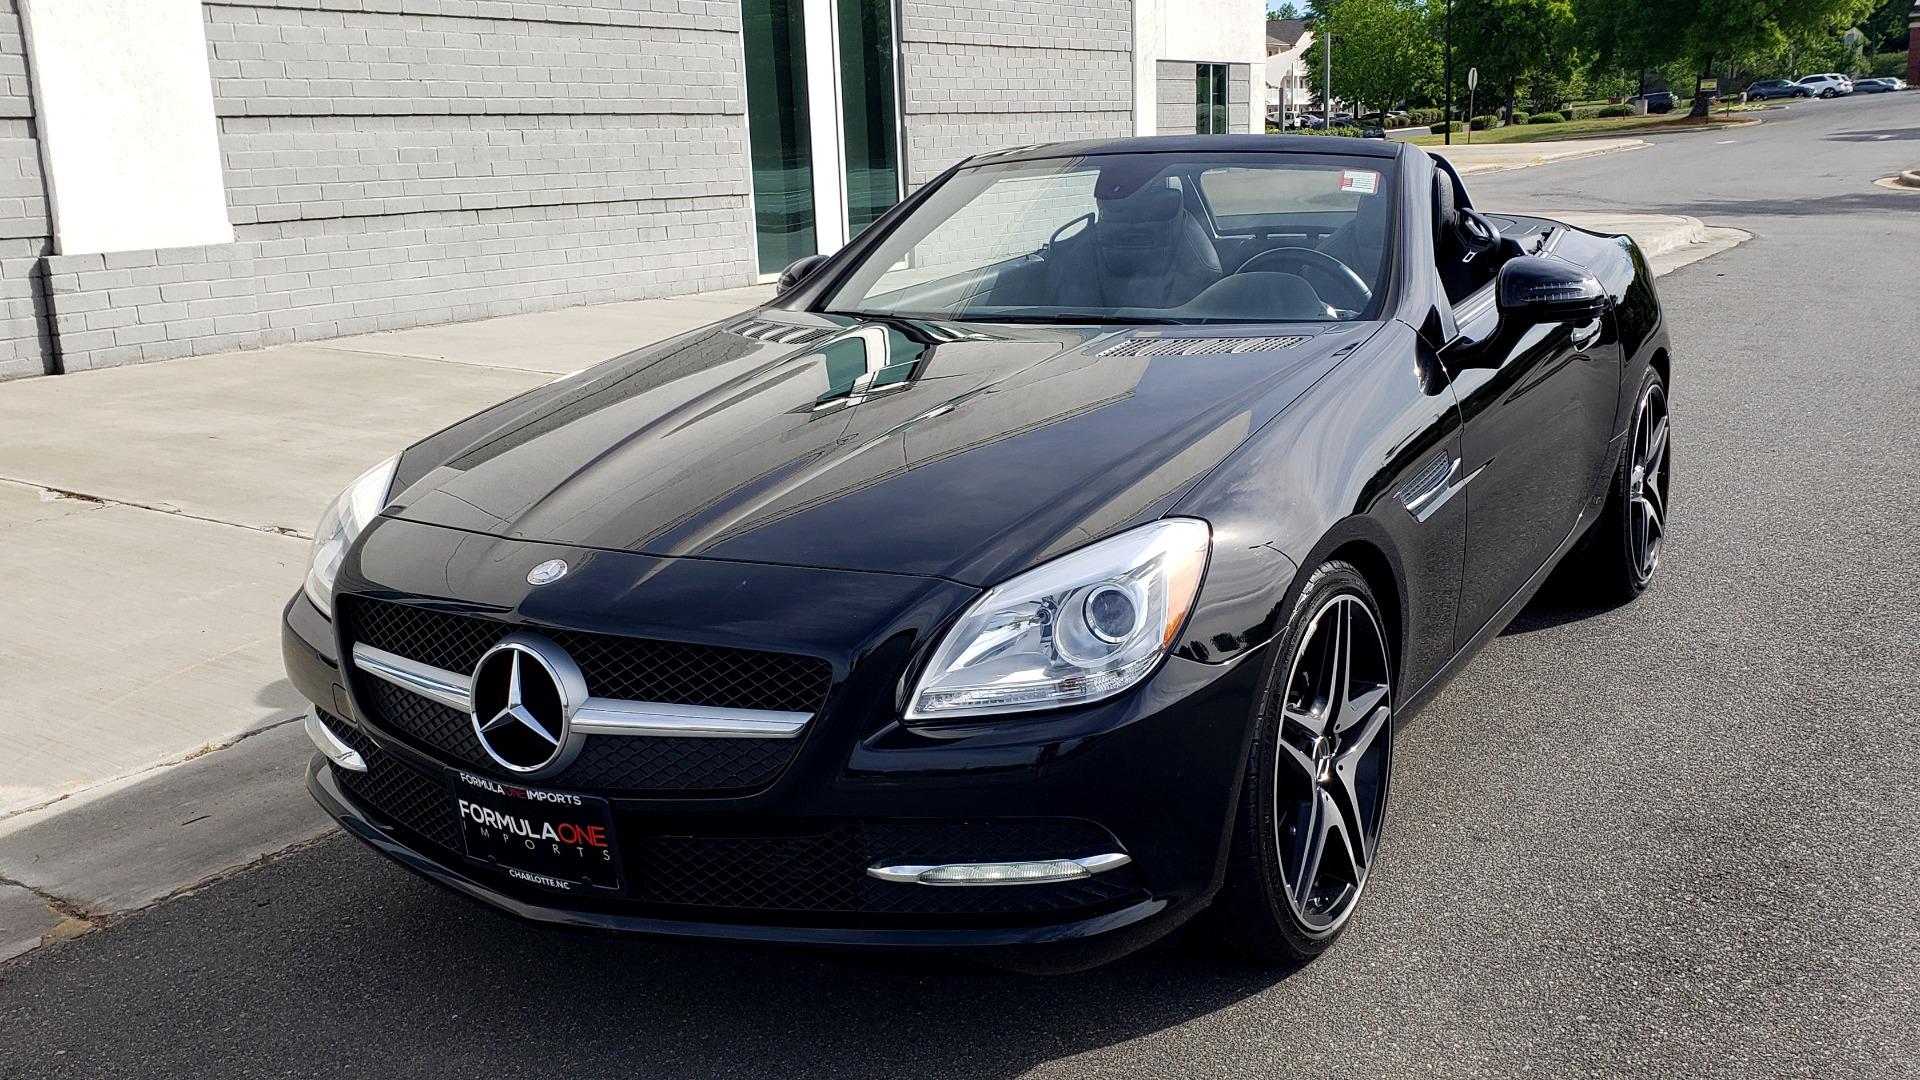 Used 2012 Mercedes-Benz SLK-CLASS SLK 250 ROADSTER / PREM 1 PKG / COMAND LAUNCH PKG / 7-SPD AUTO for sale $24,995 at Formula Imports in Charlotte NC 28227 16